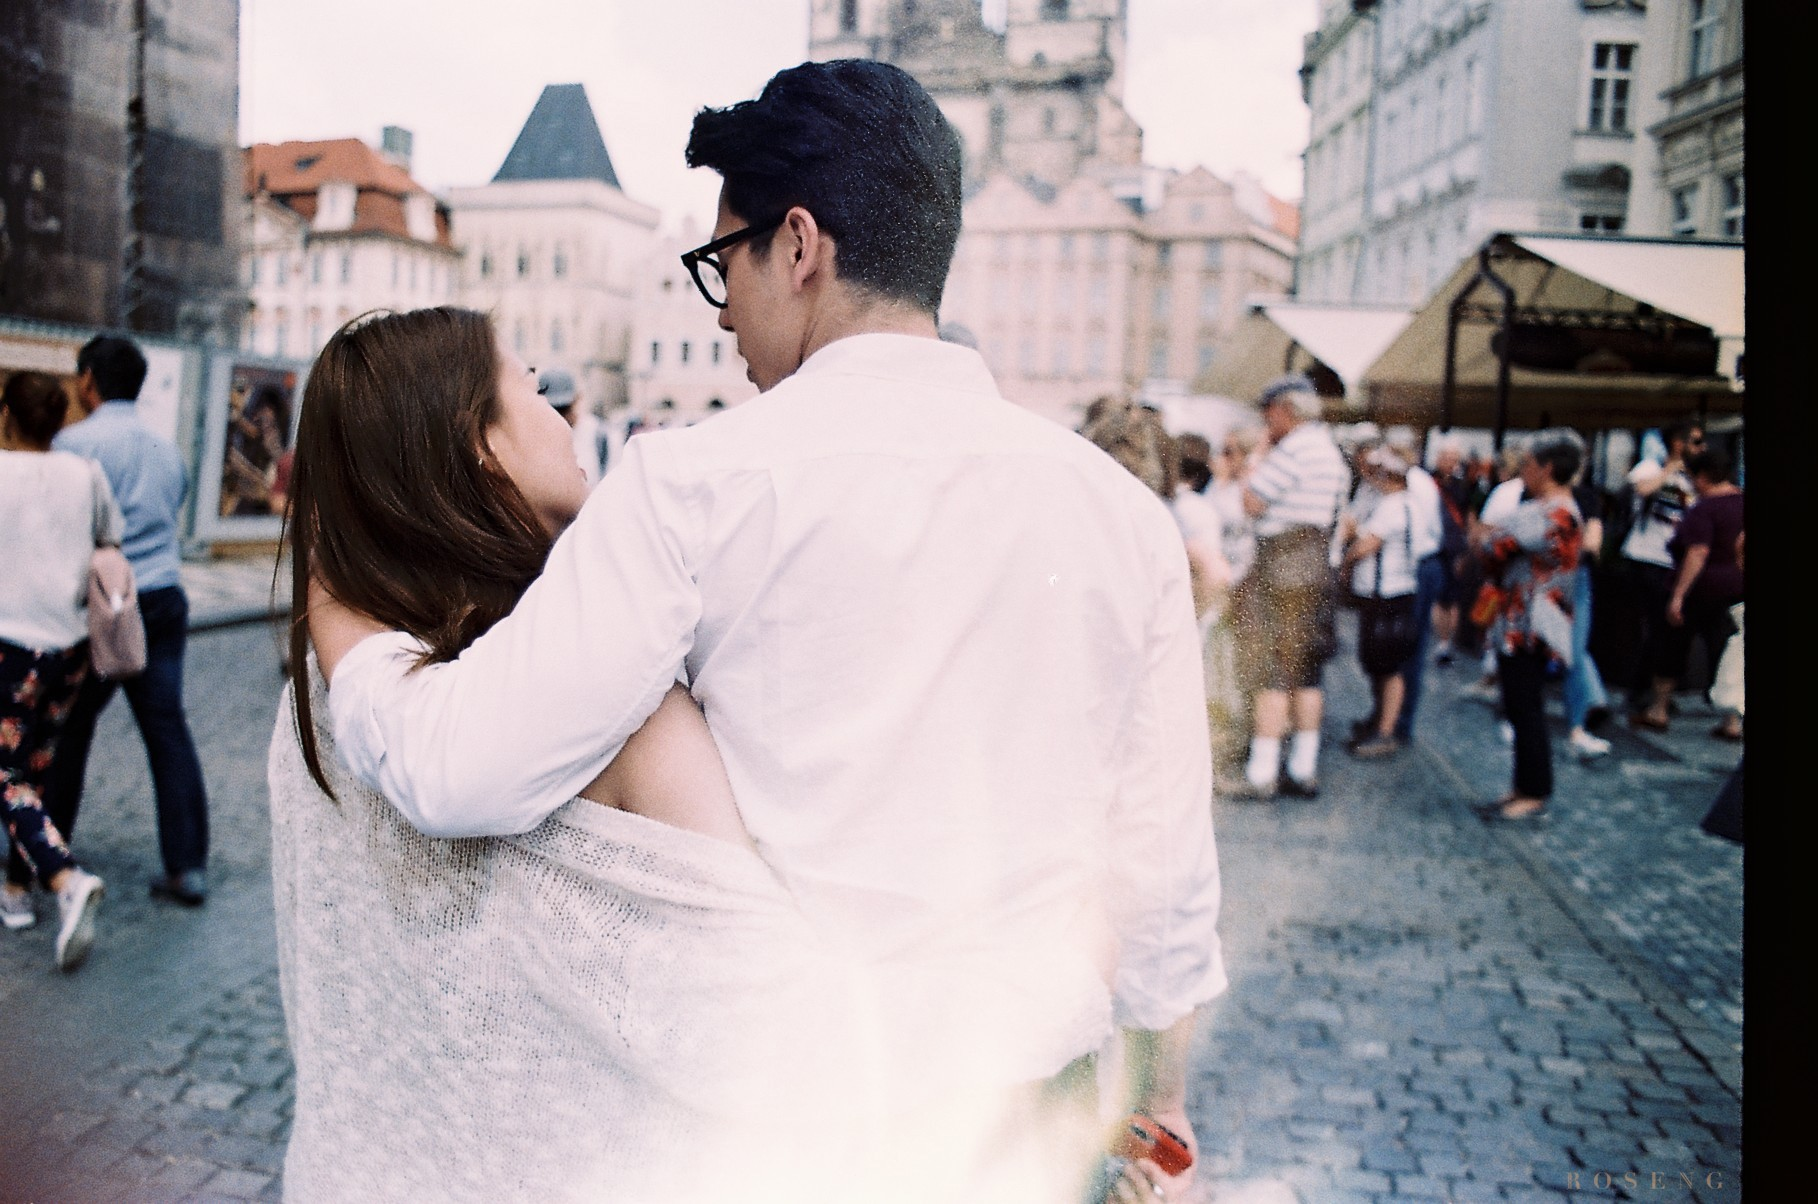 Ảnh phim tình bể bình của Ngọc Thảo và bạn trai ở châu Âu - Ảnh 9.